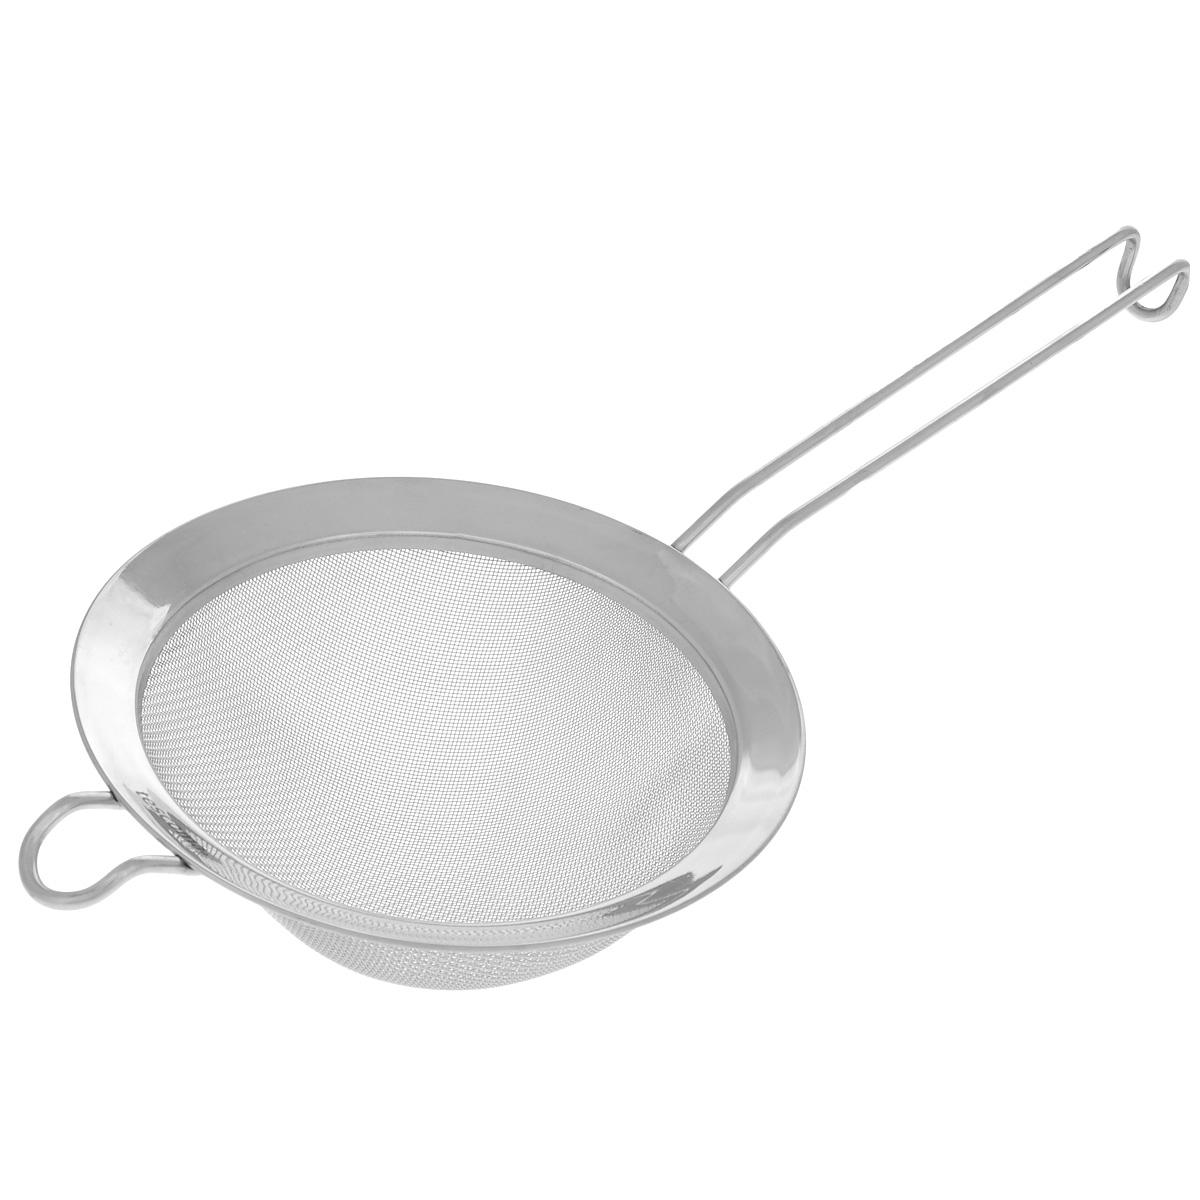 Сито Tescoma Chef, диаметр 16 см428050Сито Tescoma Chef, выполненное из высококачественной нержавеющей стали, станет незаменимым аксессуаром на вашей кухне. Удобная ручка-пруток не позволит выскользнуть изделию из вашей руки. Прочная стальная сетка и корпус обеспечивают изделию износостойкость и долговечность. Сито оснащено специальным ушком, за которое его можно подвесить в любом месте. Такое сито поможет вам процедить или просеять продукты и станет достойным дополнением к кухонному инвентарю. Можно мыть в посудомоечной машине.